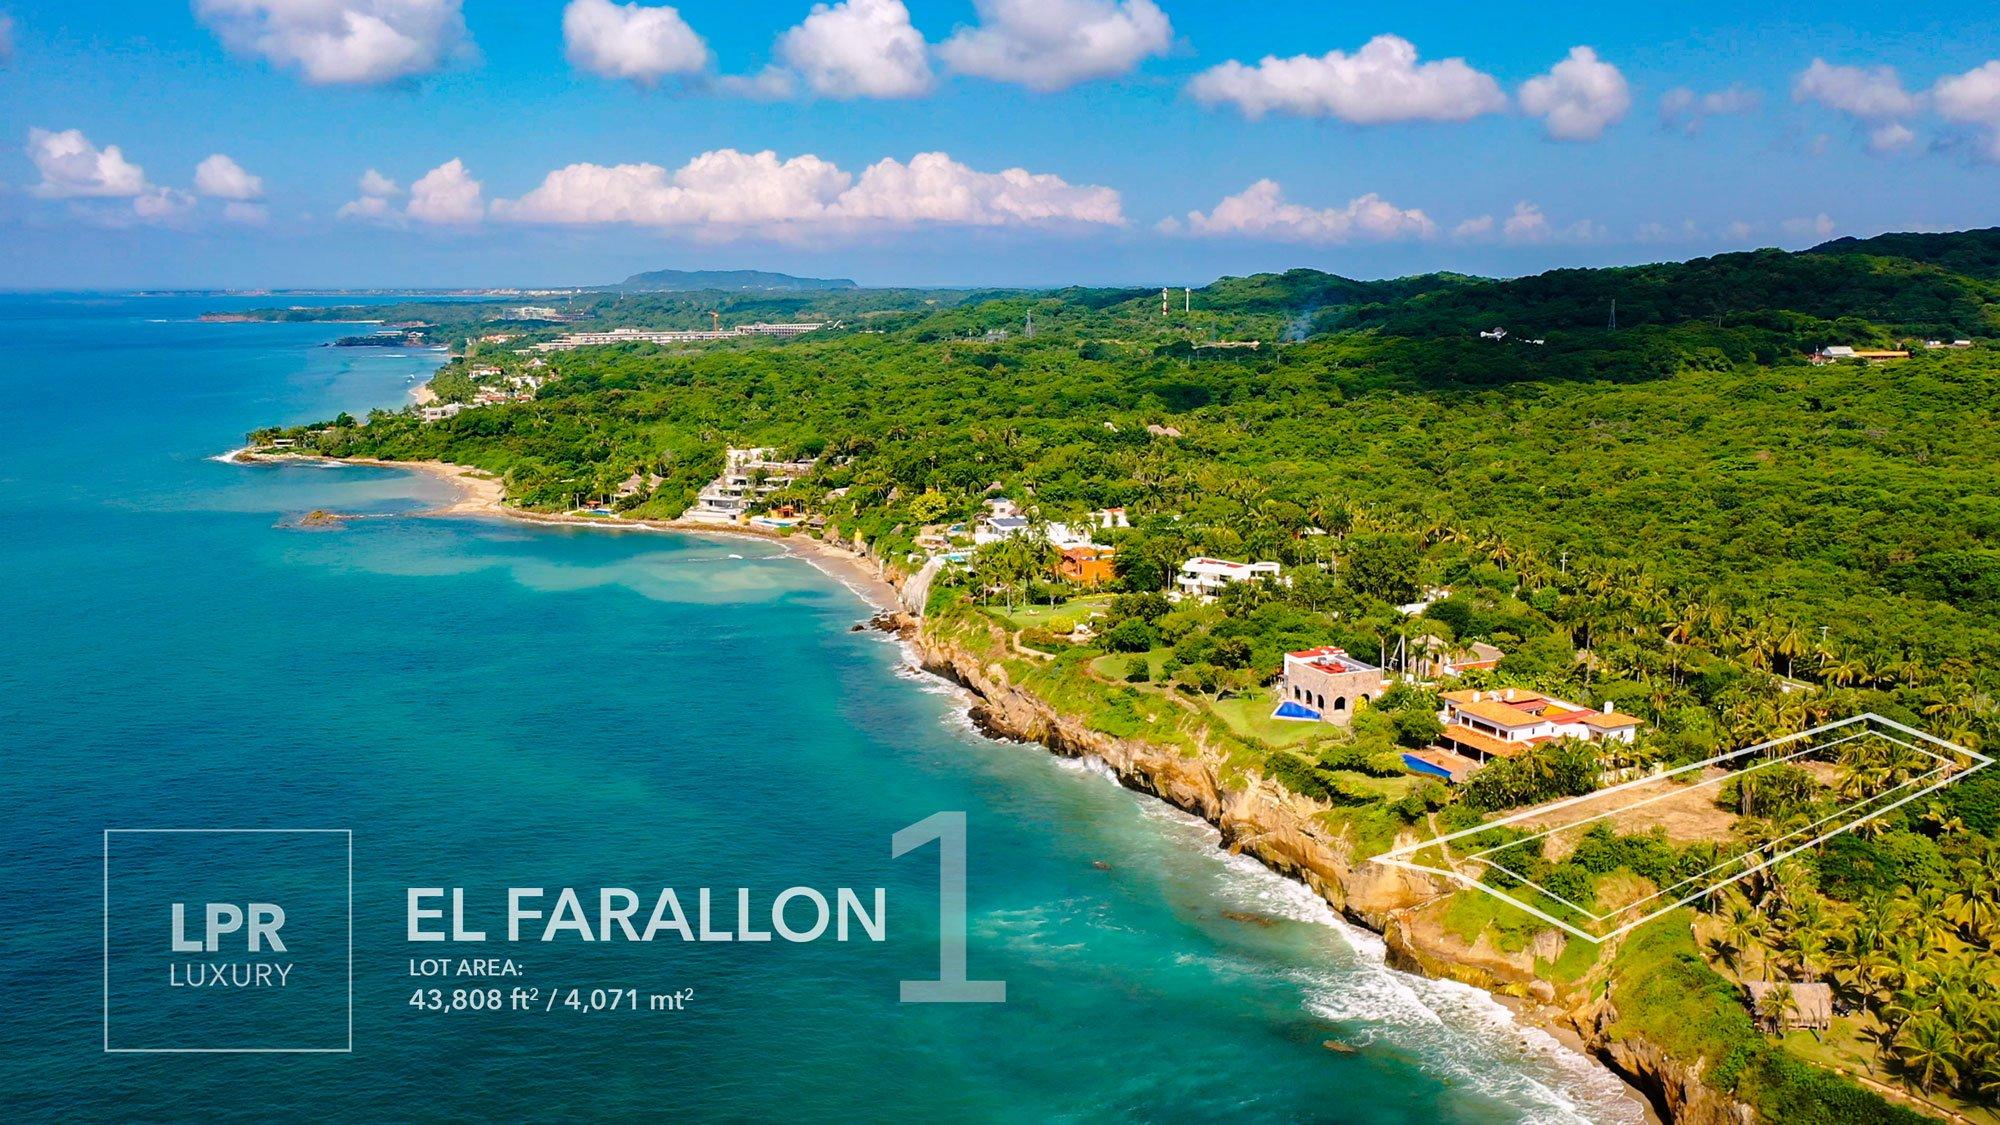 El Farallon lot 1 - Punta de Mita home site building lot for sale - Punta Mita, Puerto Vallarta, Mexico